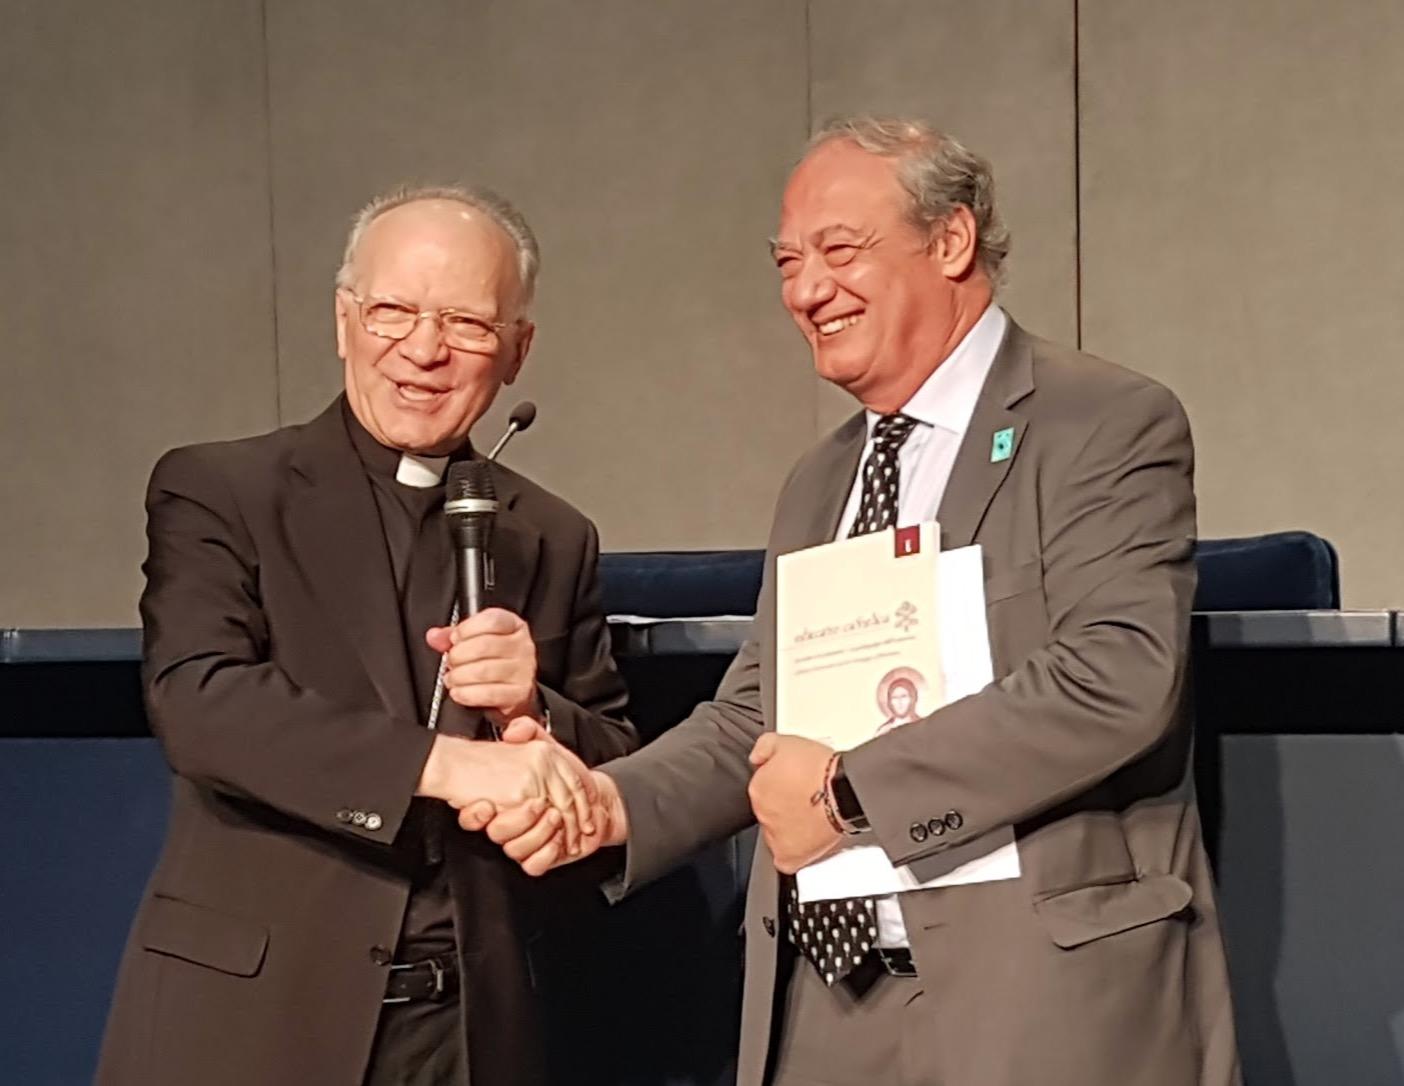 Mgr Zani et Jose Maria del Corral @ Scholas Occurrentes - latinosenitalia.it cc